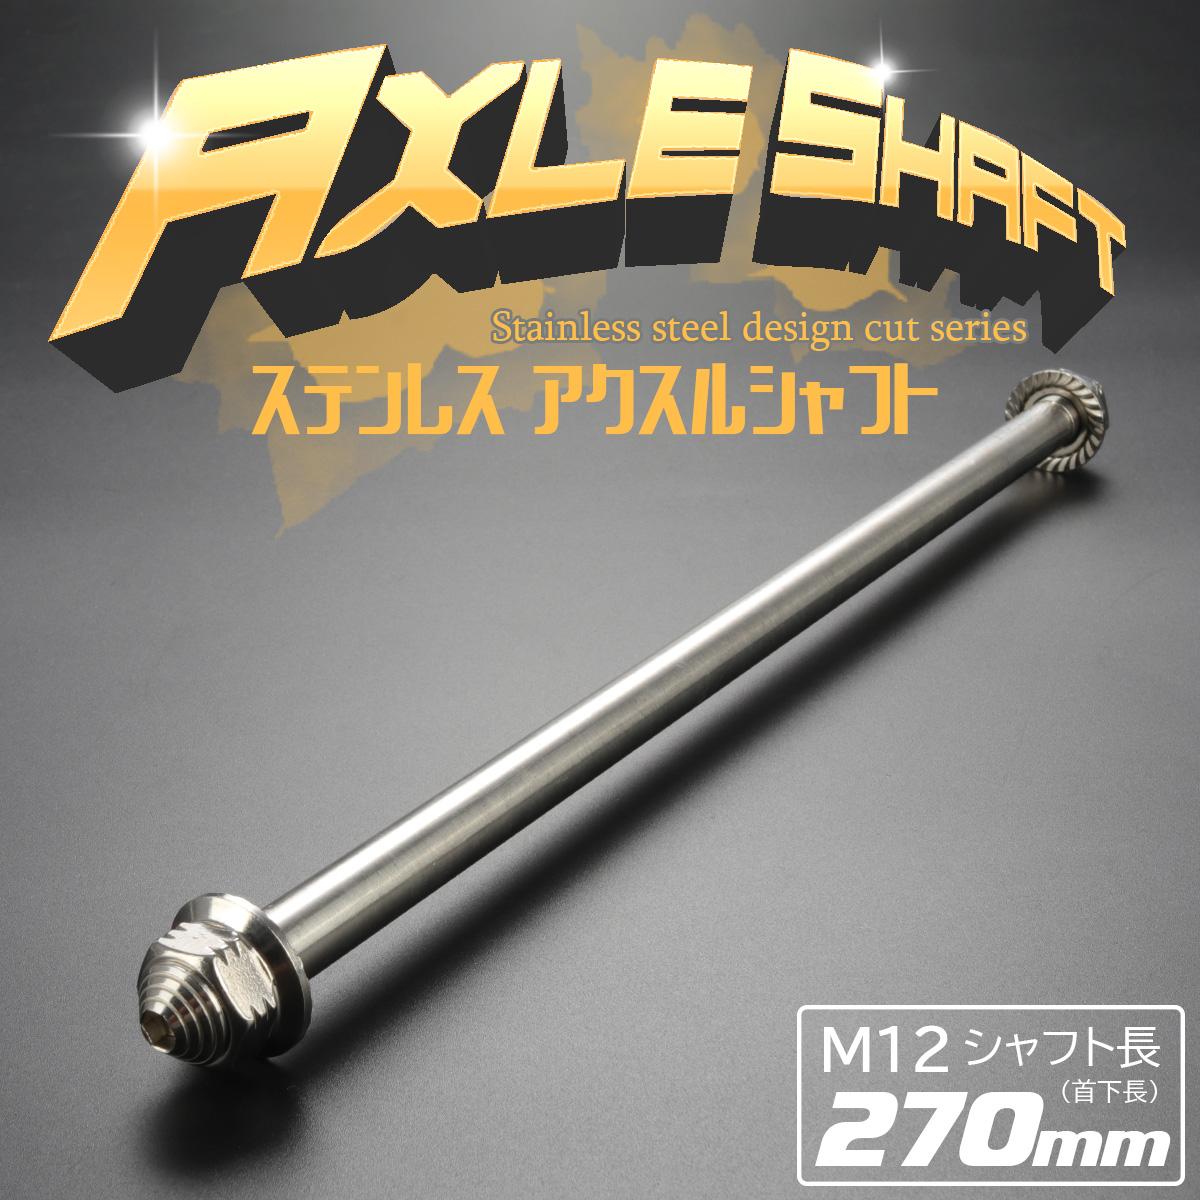 汎用 ステンレス アクスルシャフト M12 270mm シルバー 4ミニ 原付2種など TH0358